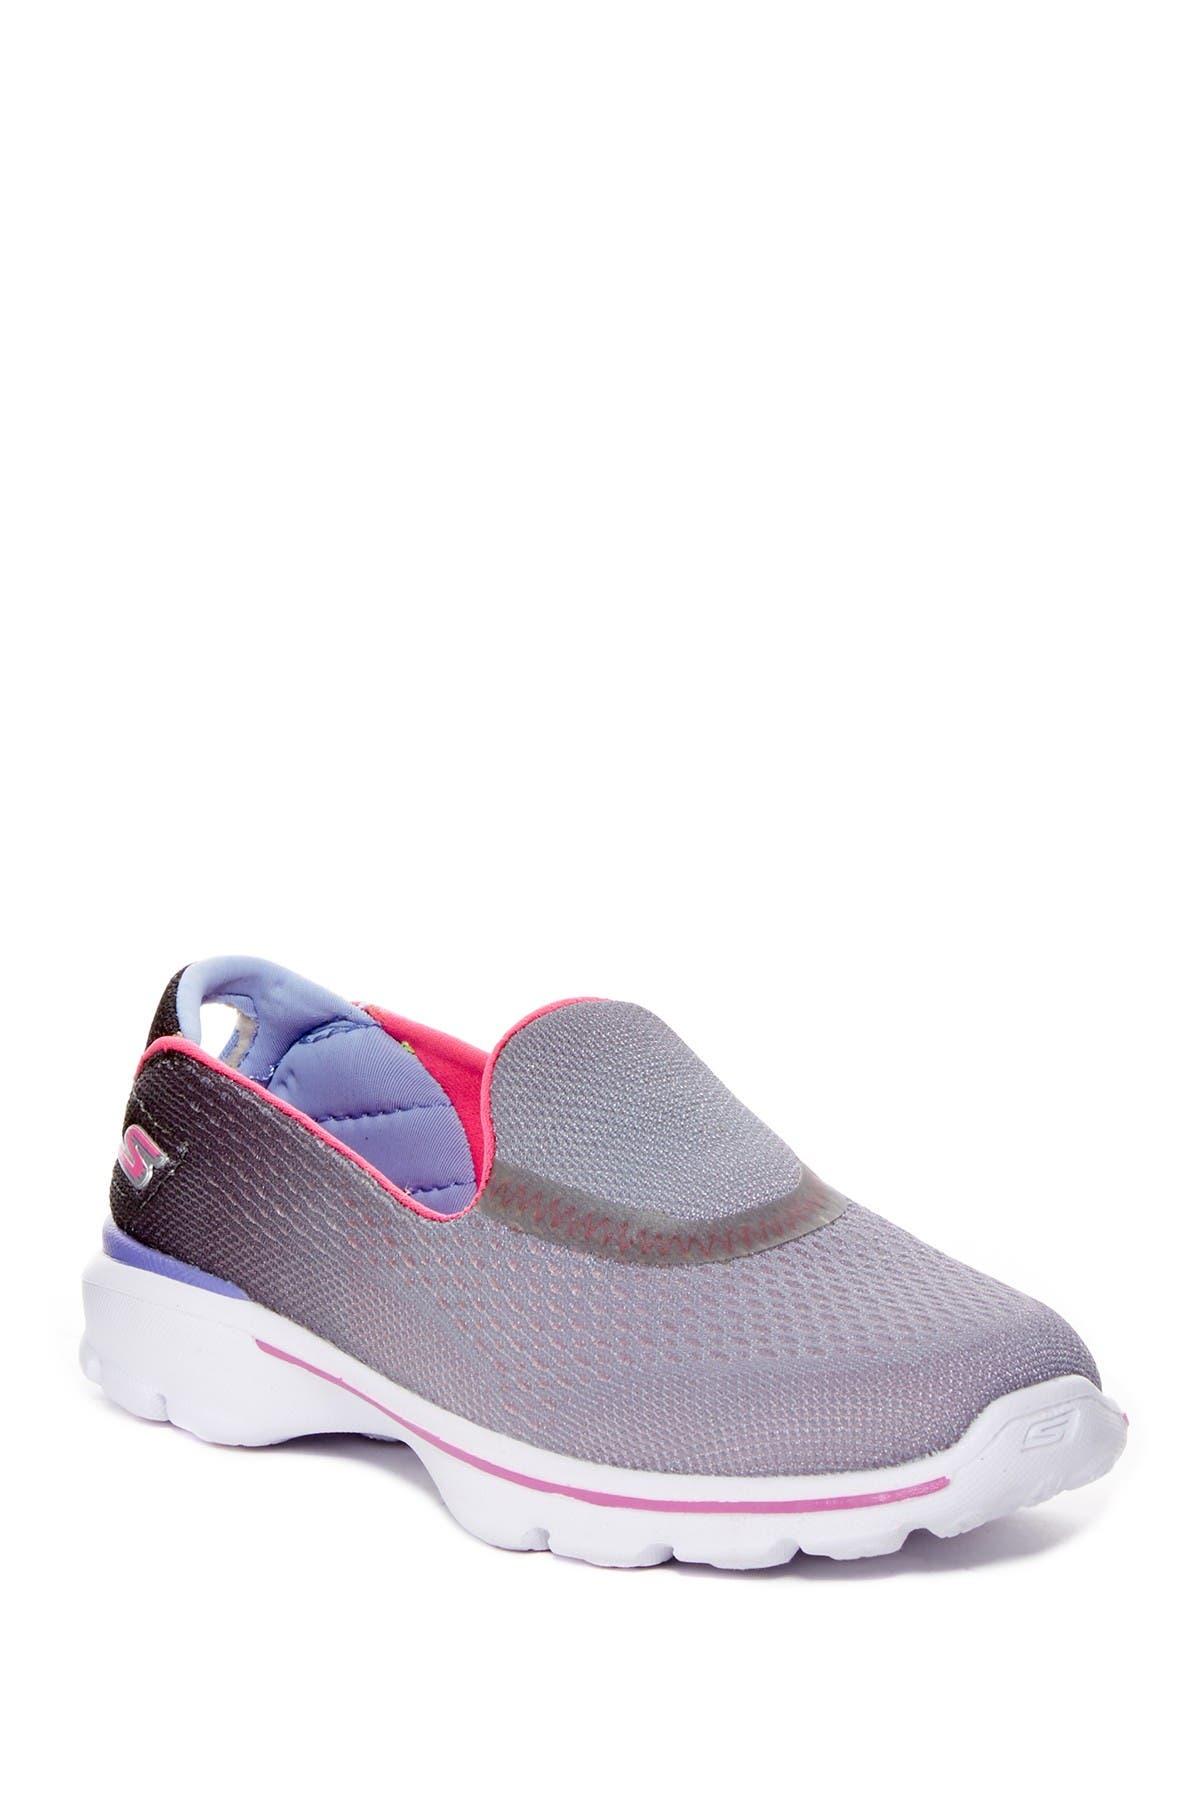 Image of Skechers Go Walk 3 Slip-On Sneaker